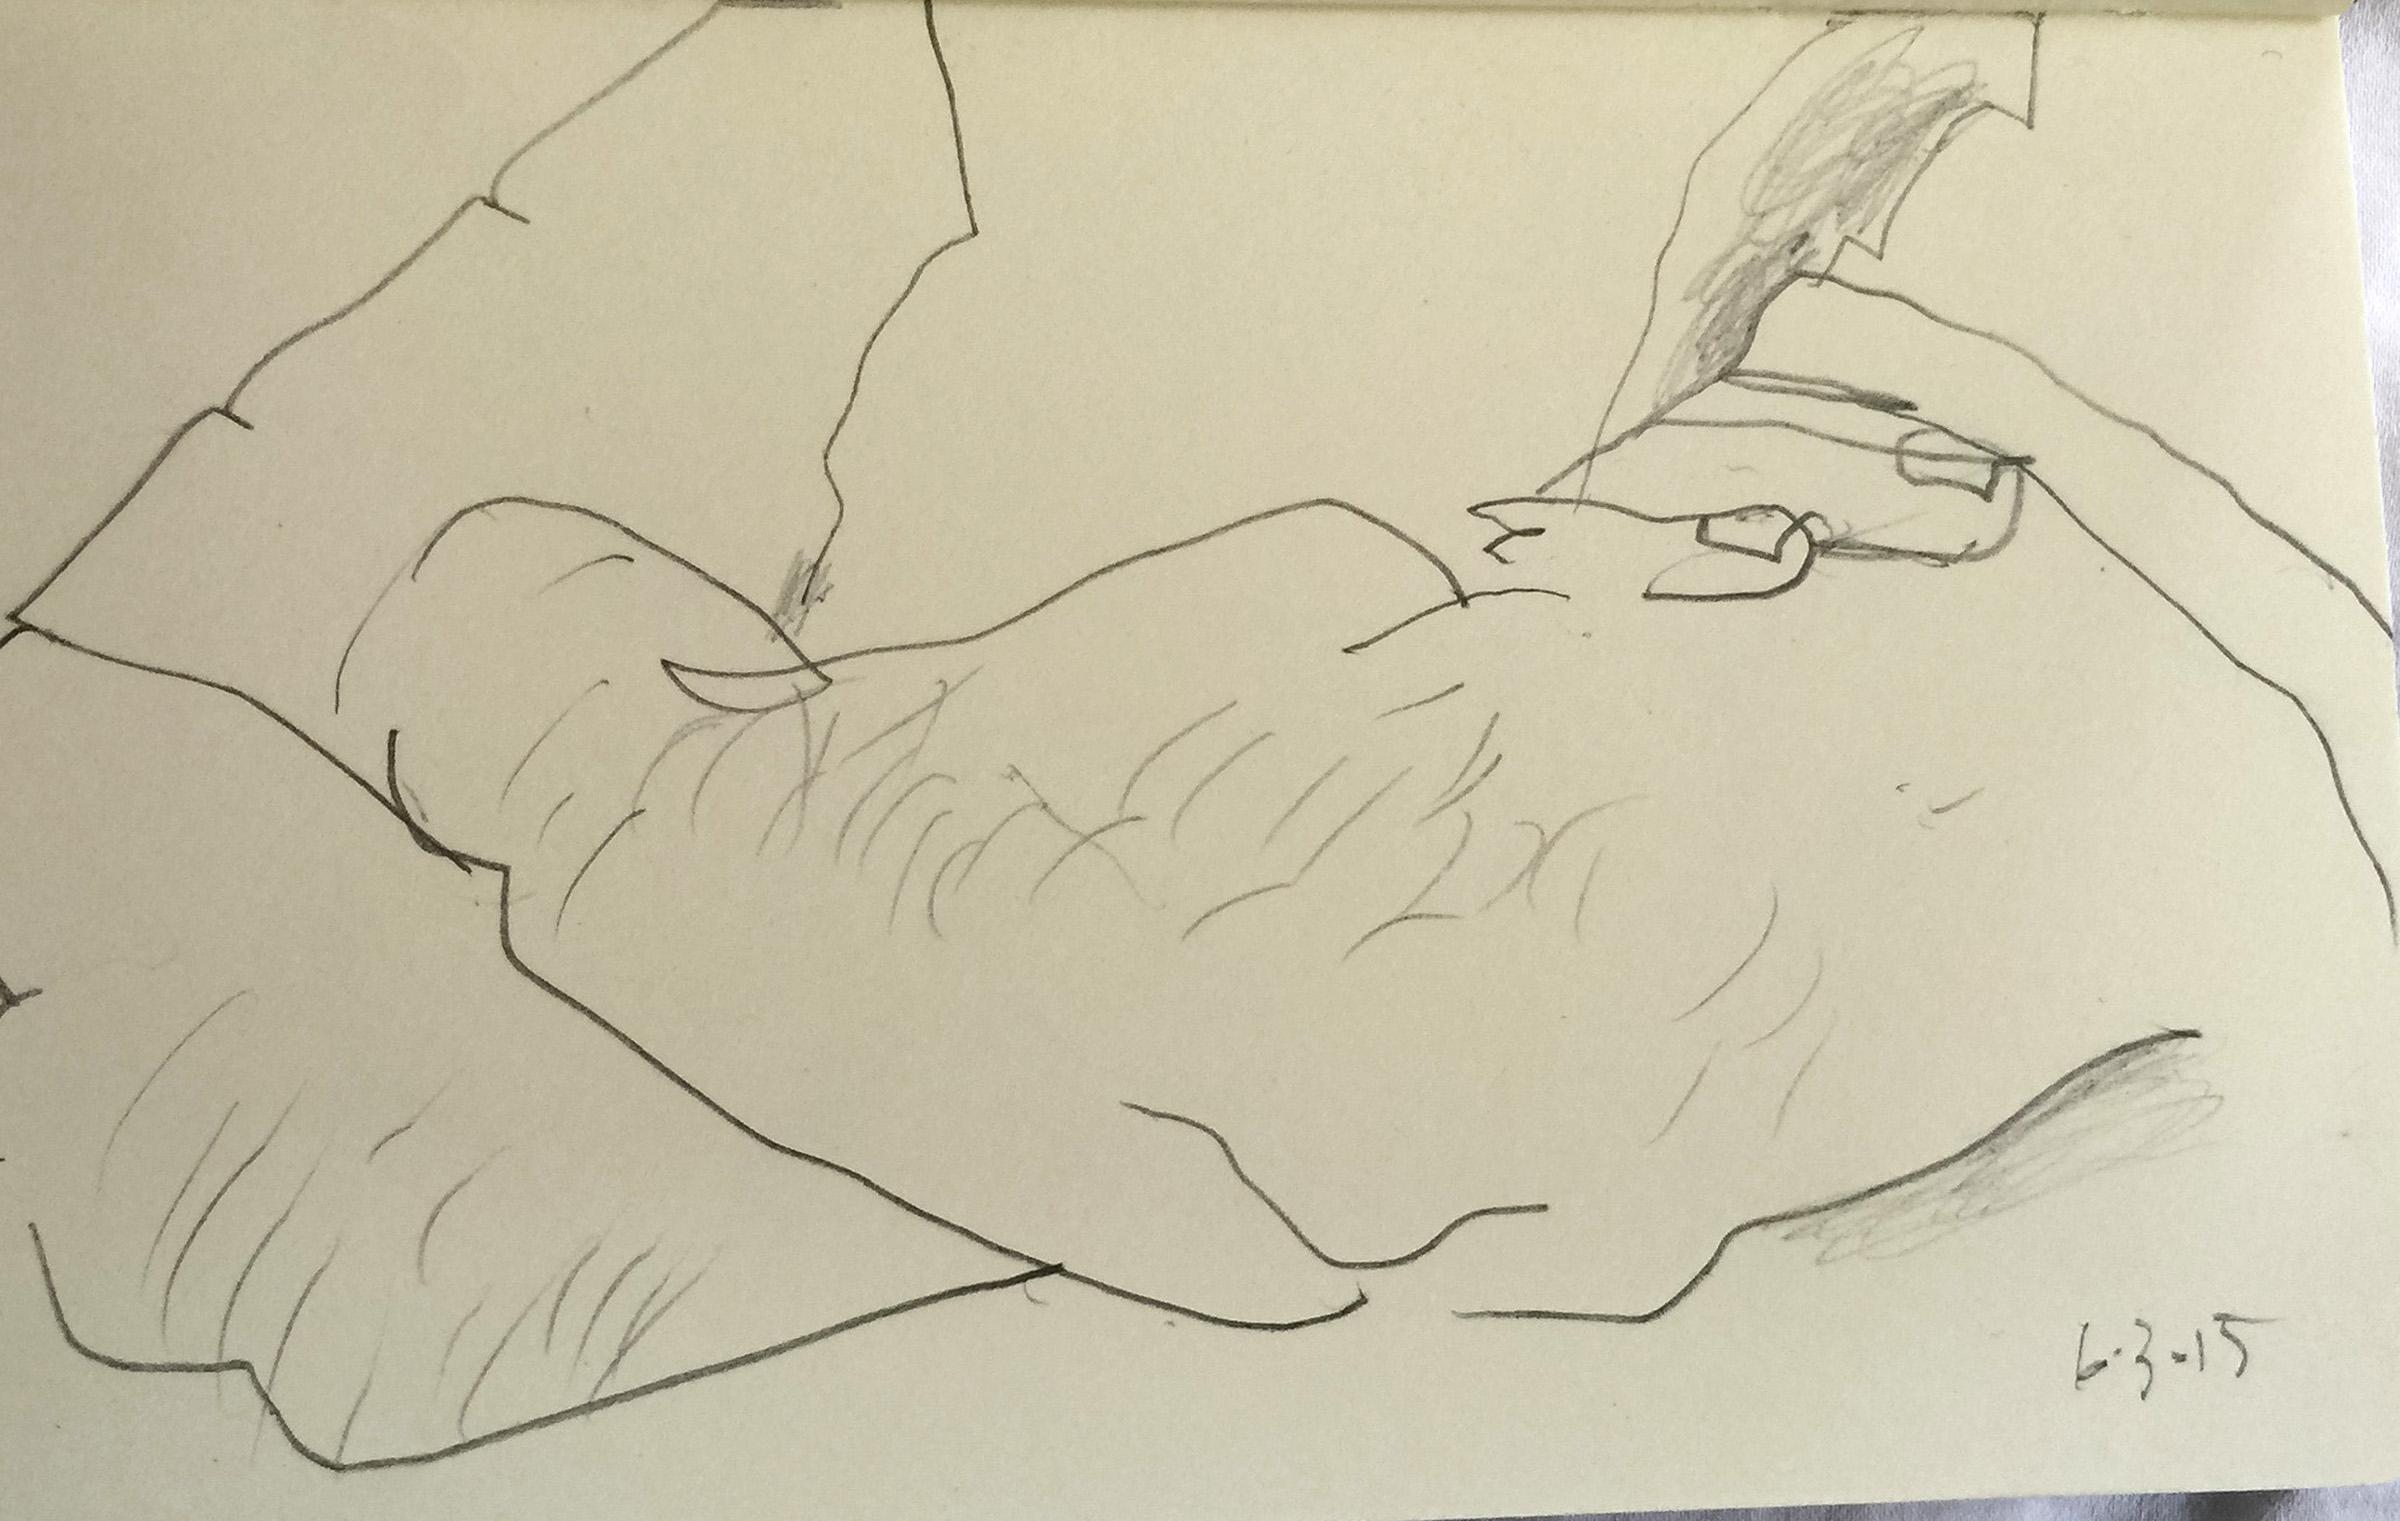 SITE-6-3-15 drawing.jpg